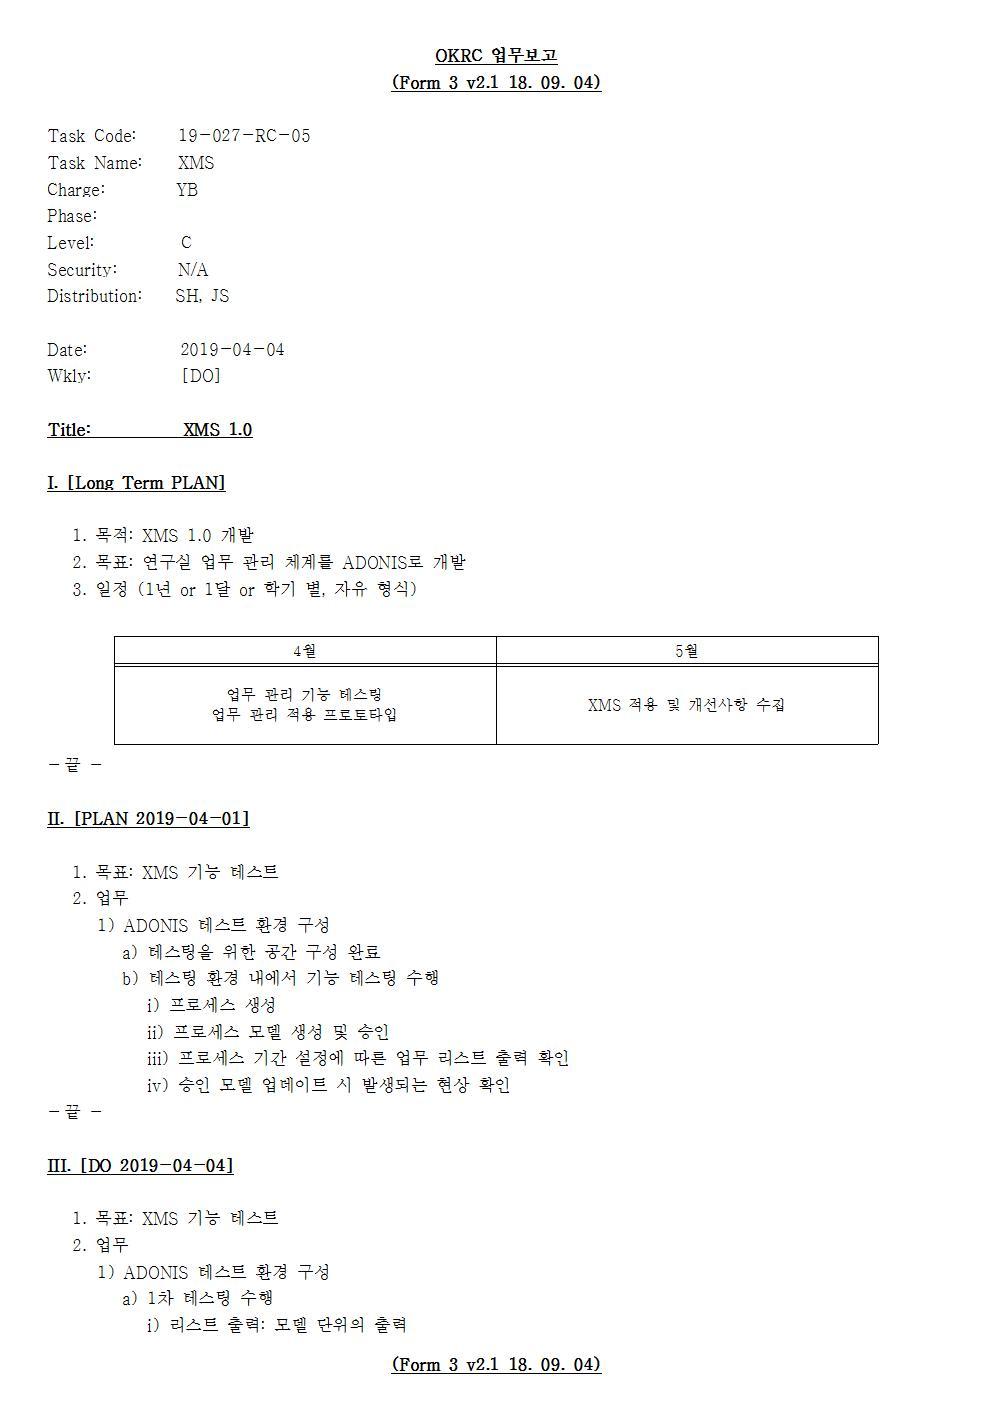 D-[19-027-RC-05]-[XMS]-[2019-04-04][YB]001.jpg